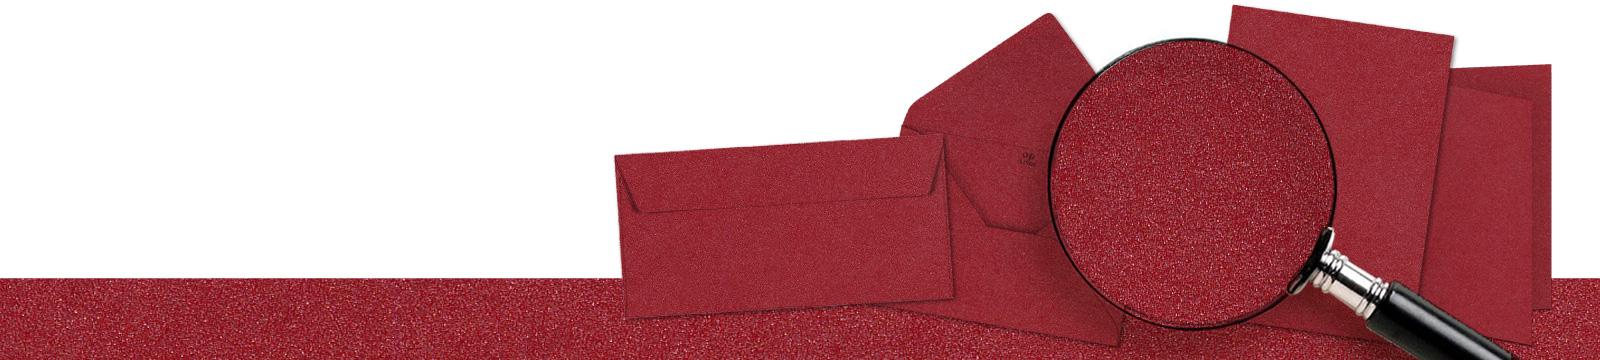 Artoz Klondike in der Farbe rubin